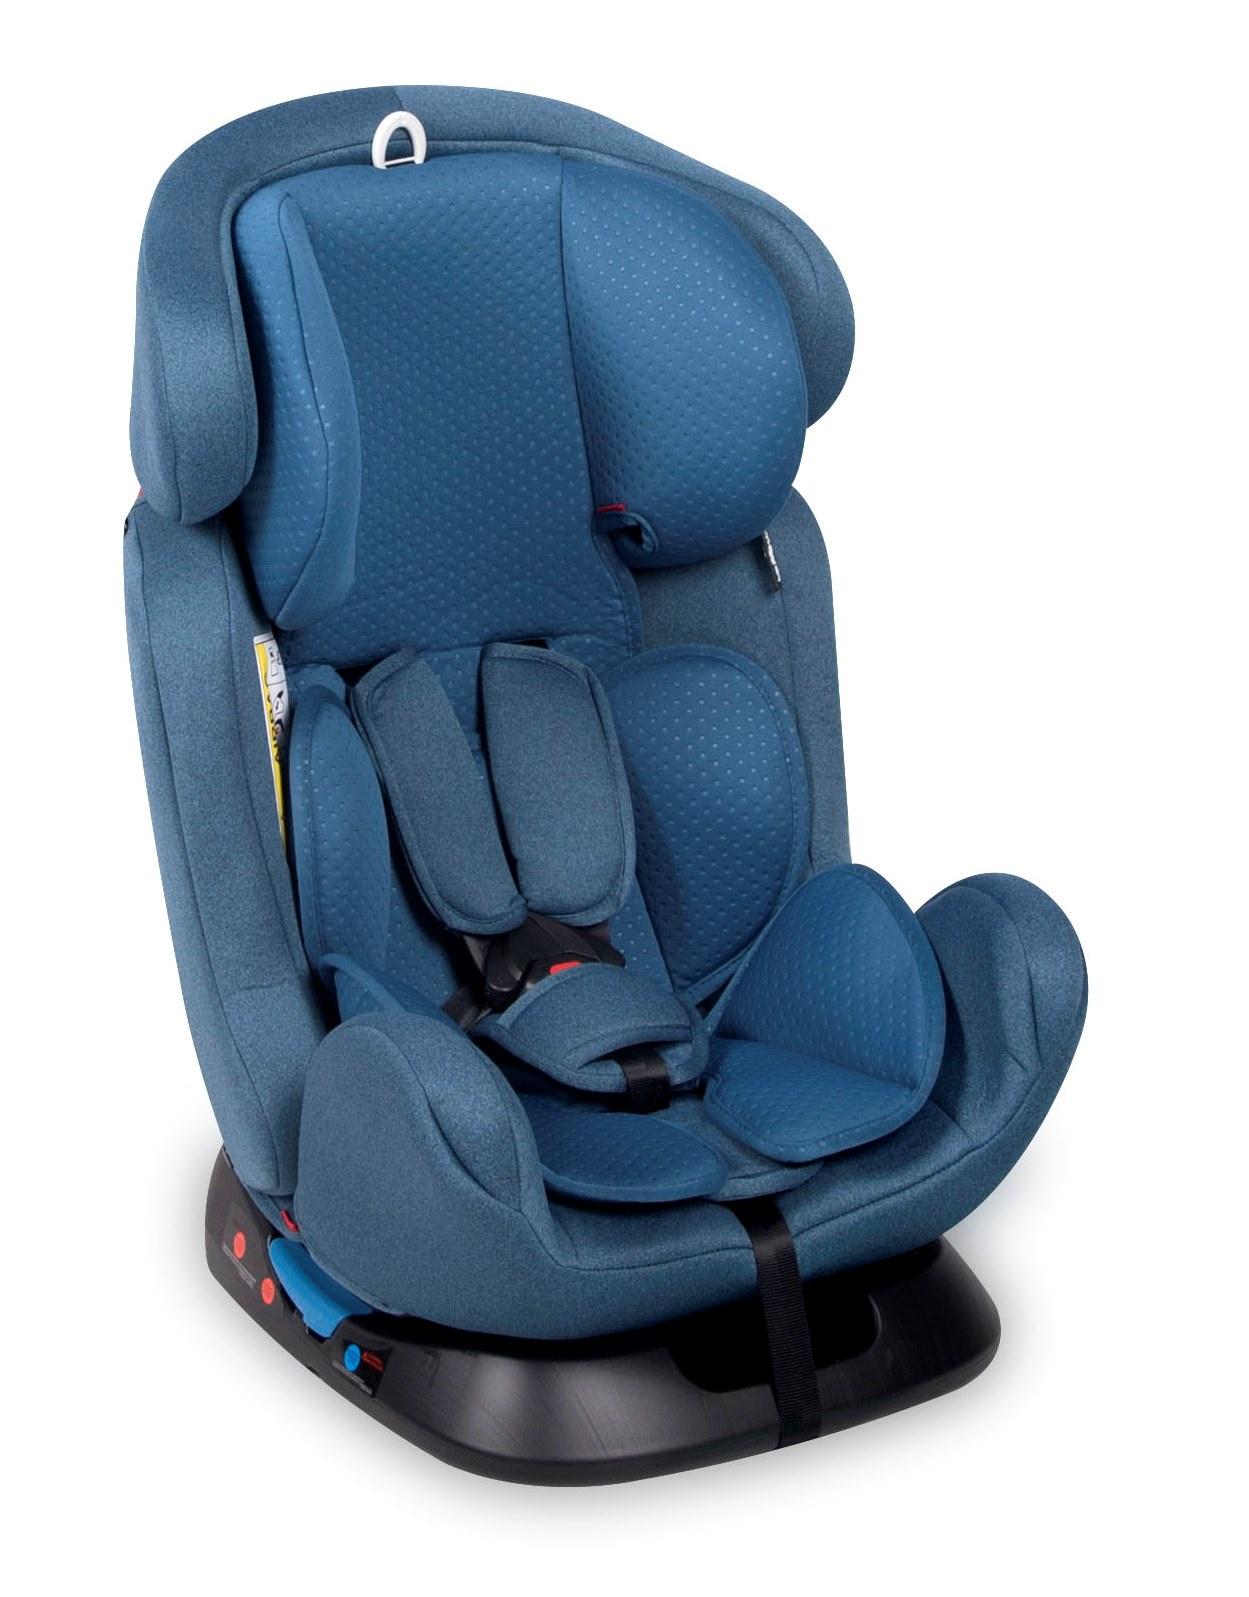 Автокресло Lorelli KX-27 Santorini 0-36 кг Синий, Blue